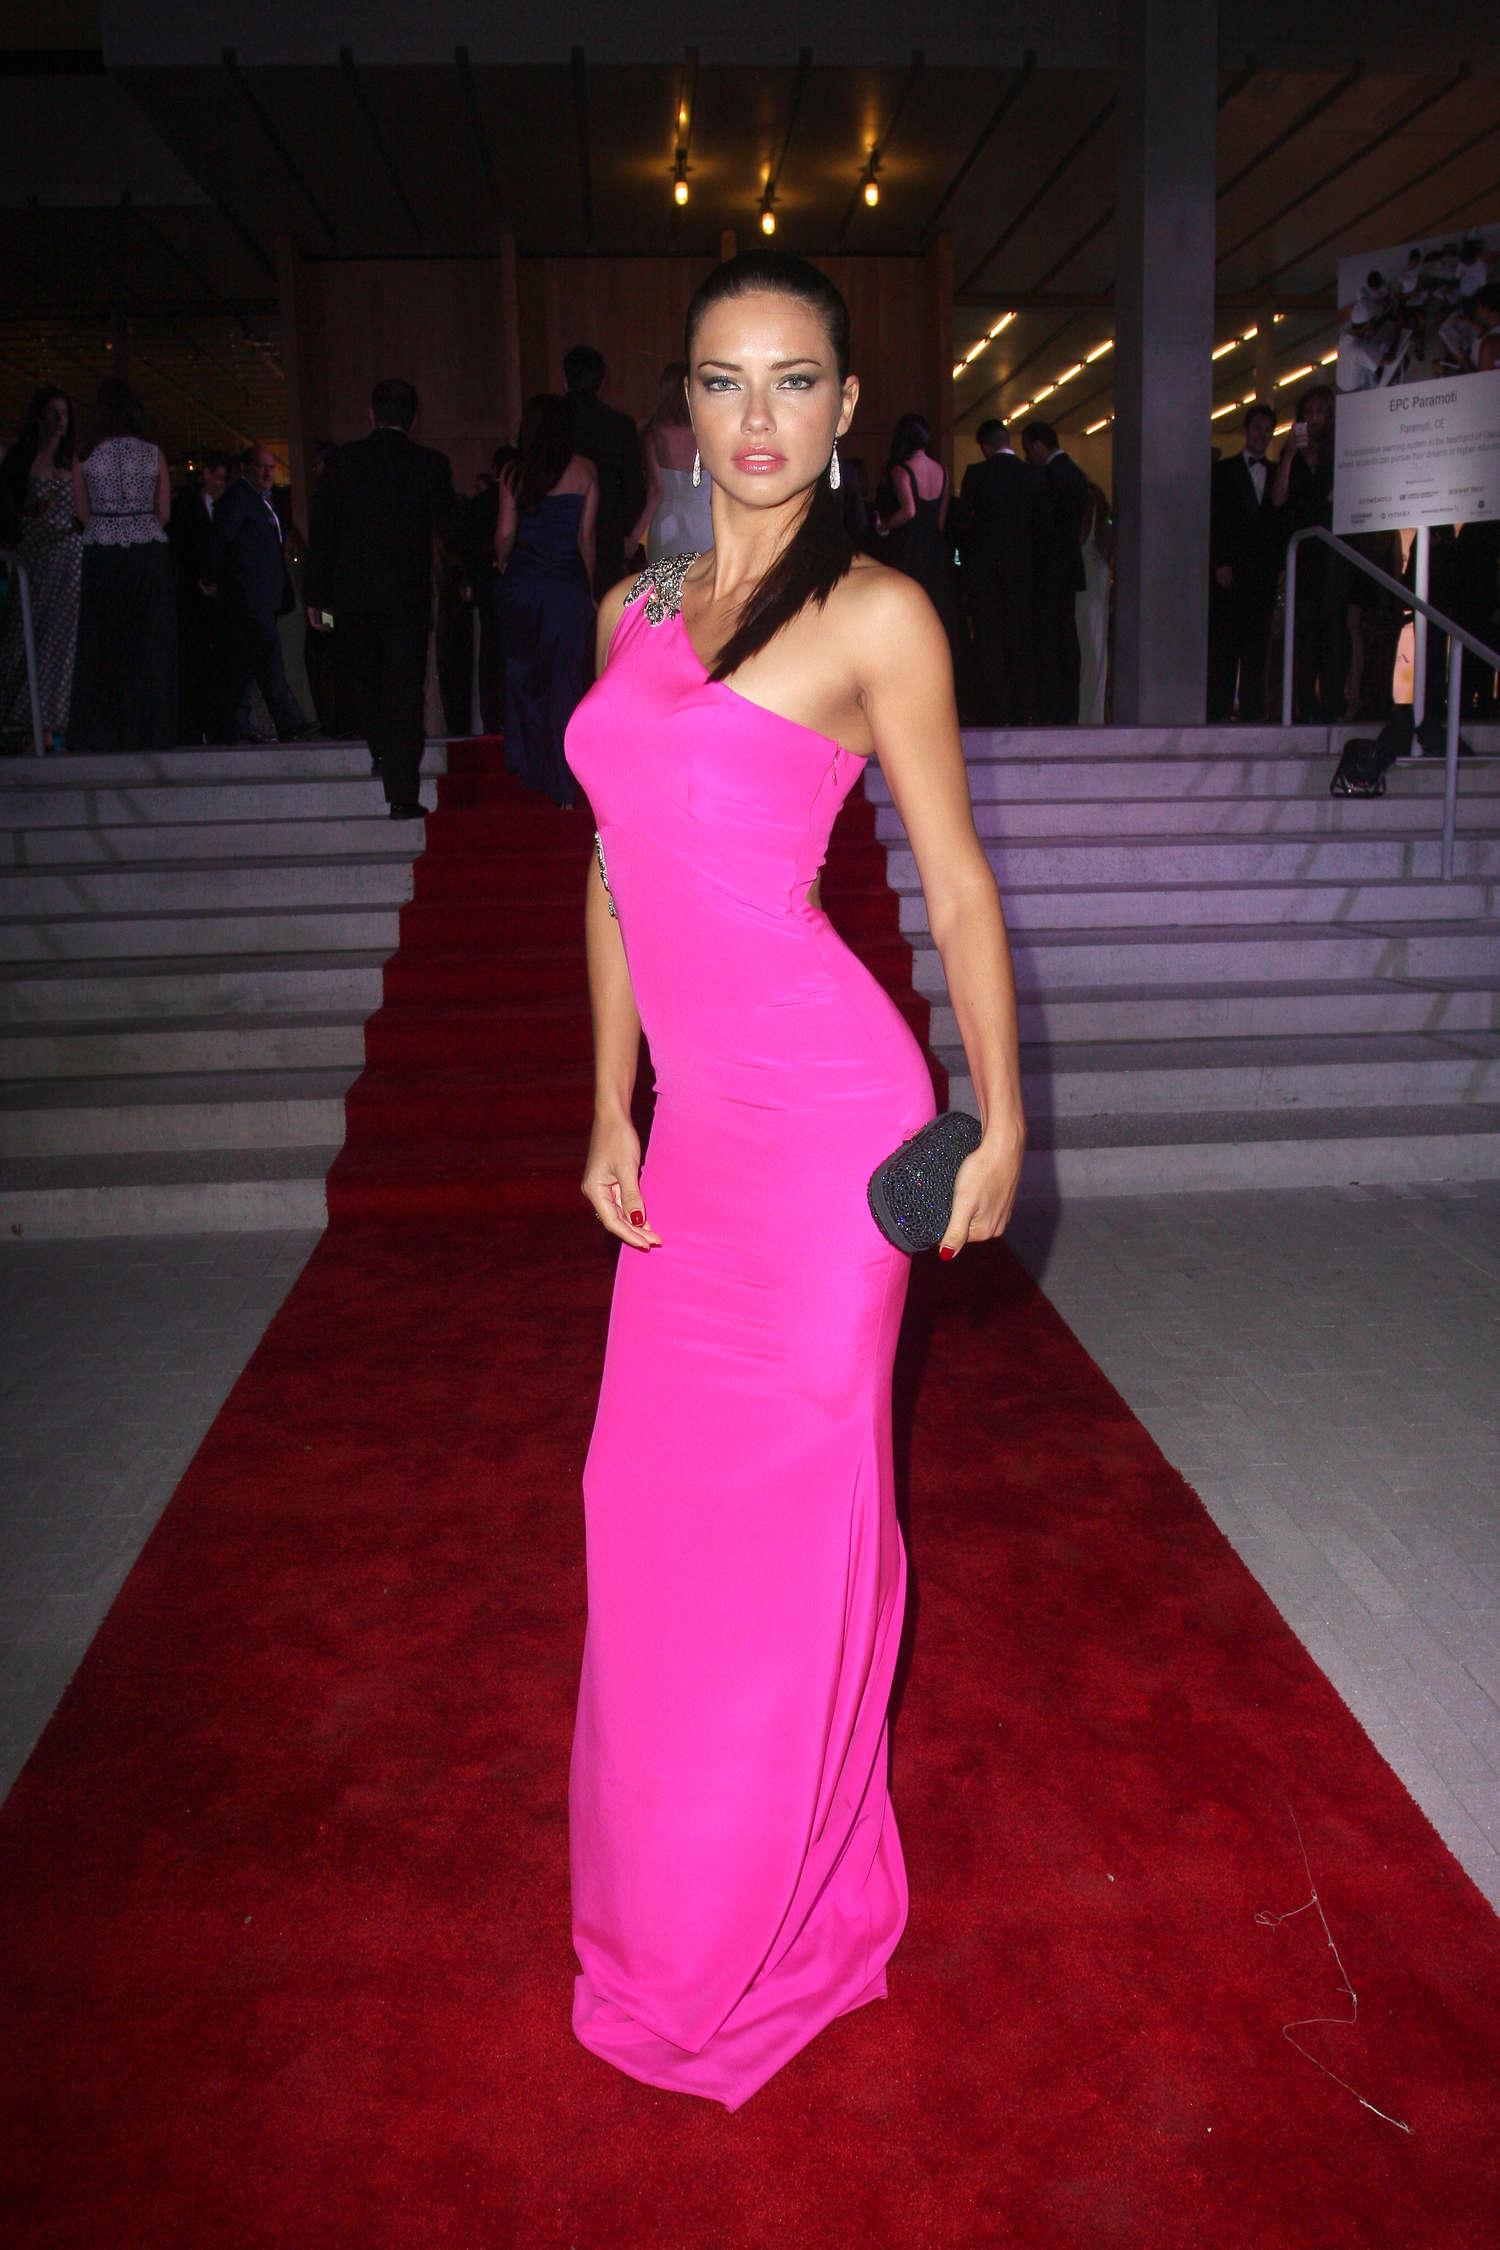 Adriana Lima In Pink Dress 06 Gotceleb